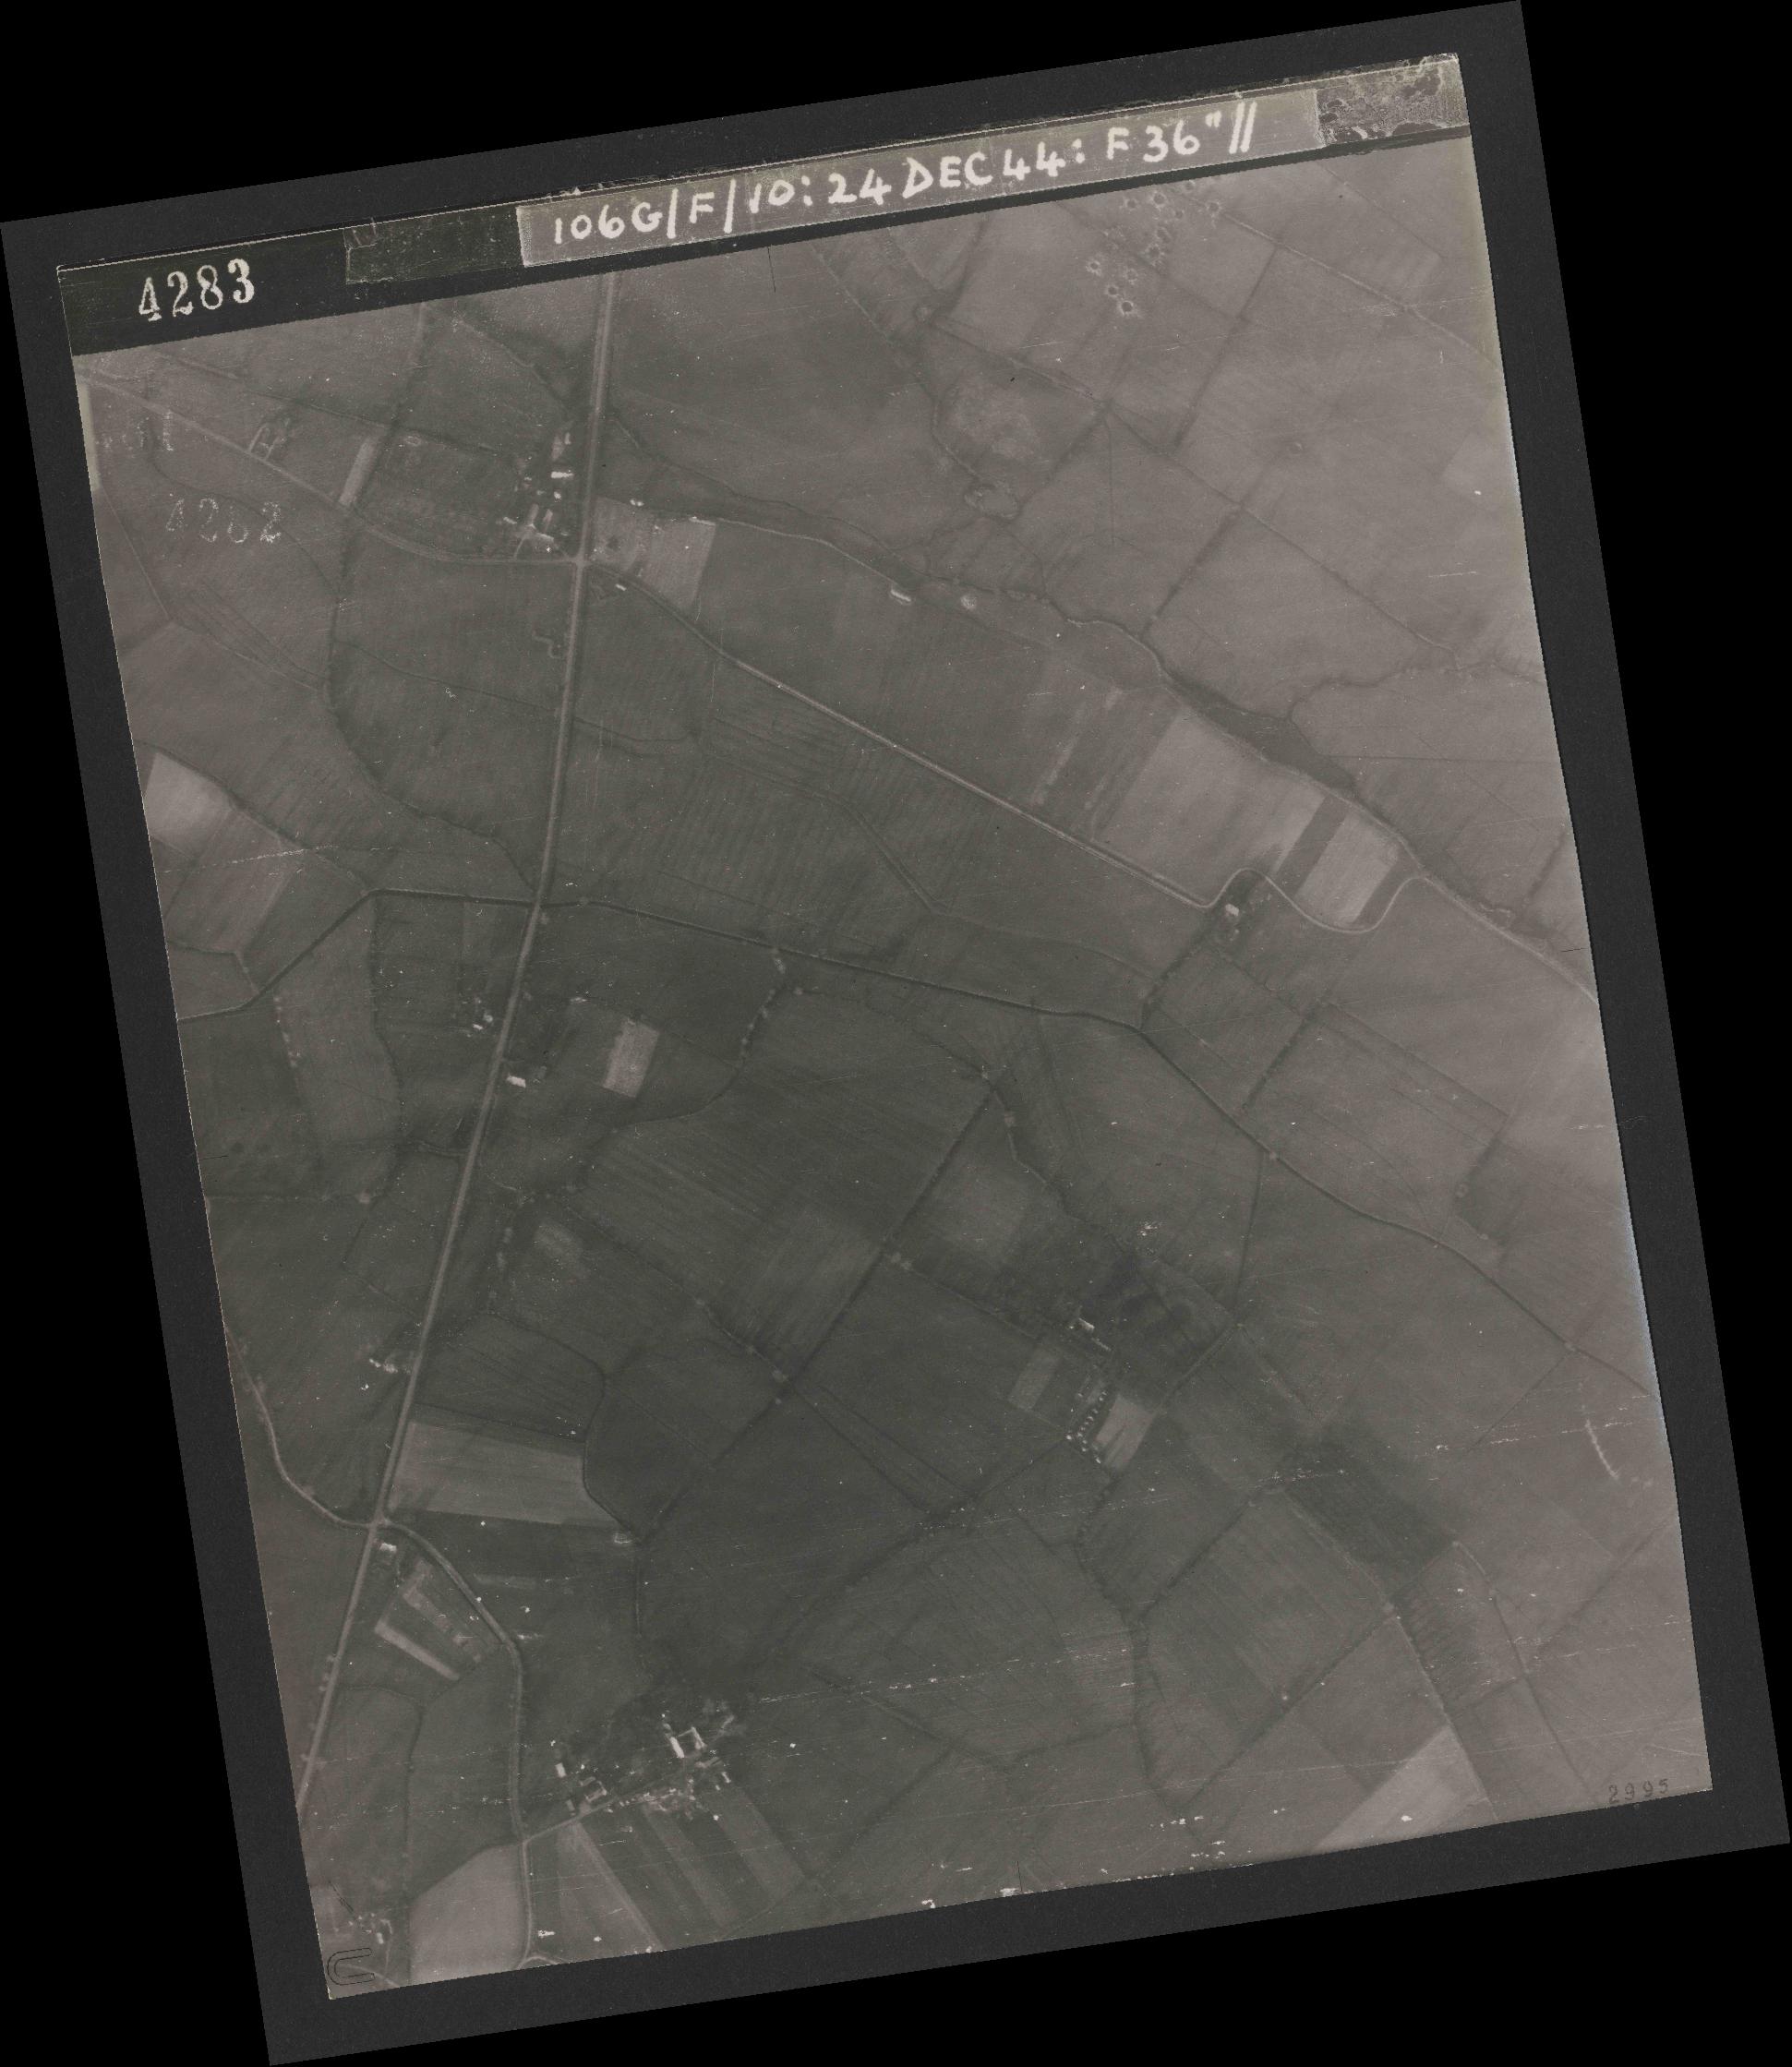 Collection RAF aerial photos 1940-1945 - flight 320, run 08, photo 4283